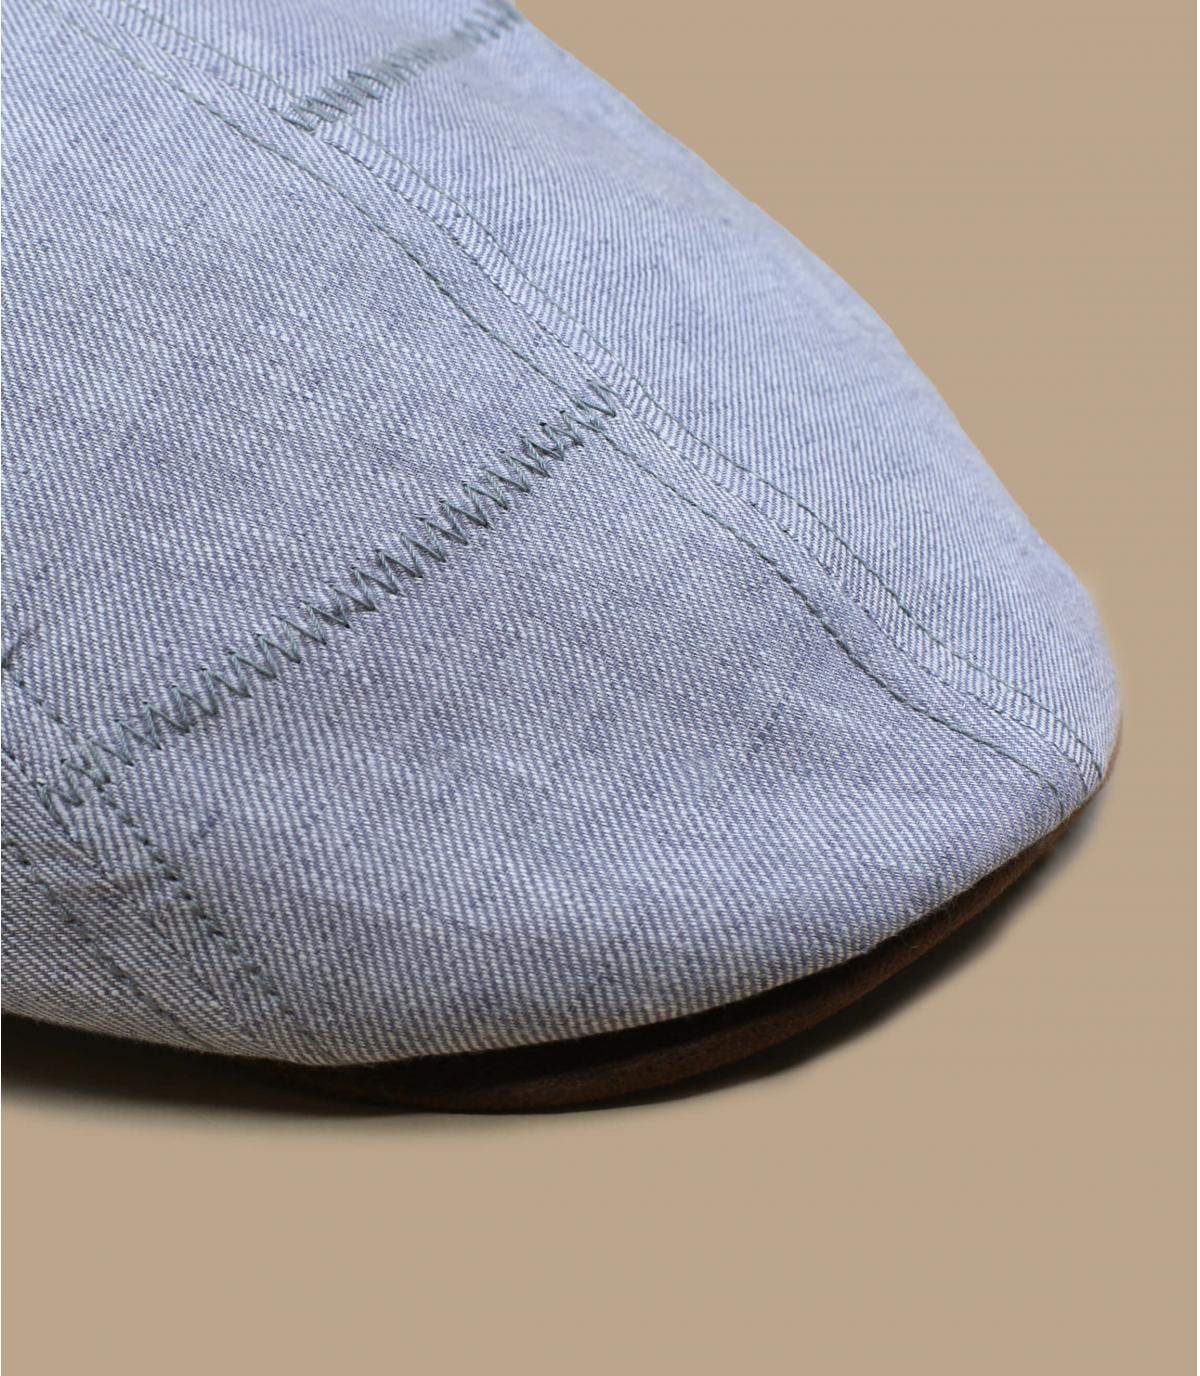 grey flat cap linen